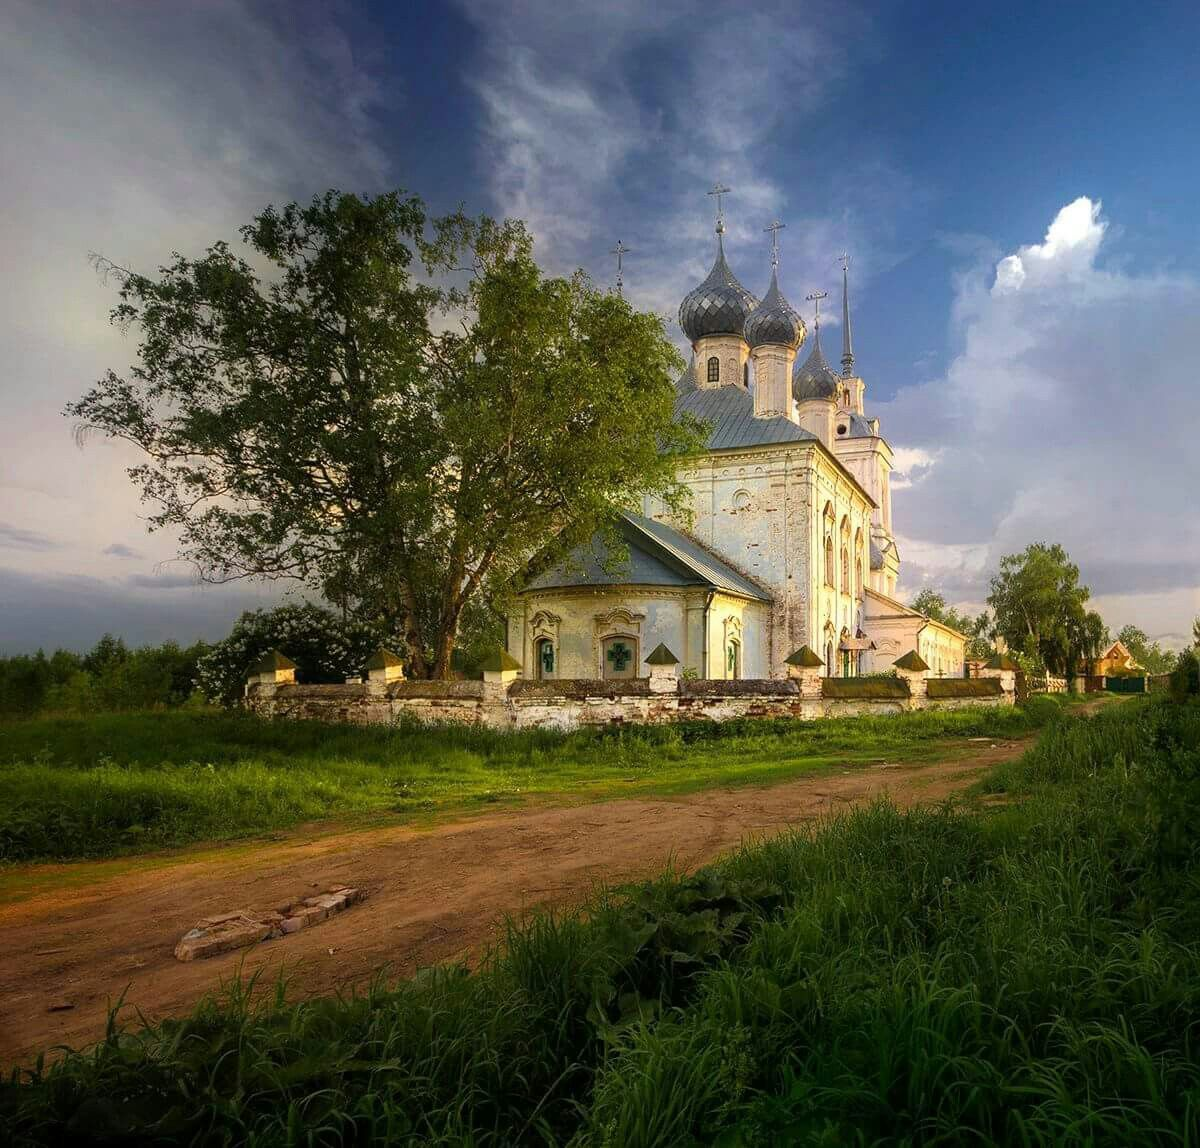 фото картинки костромская область туризм россии